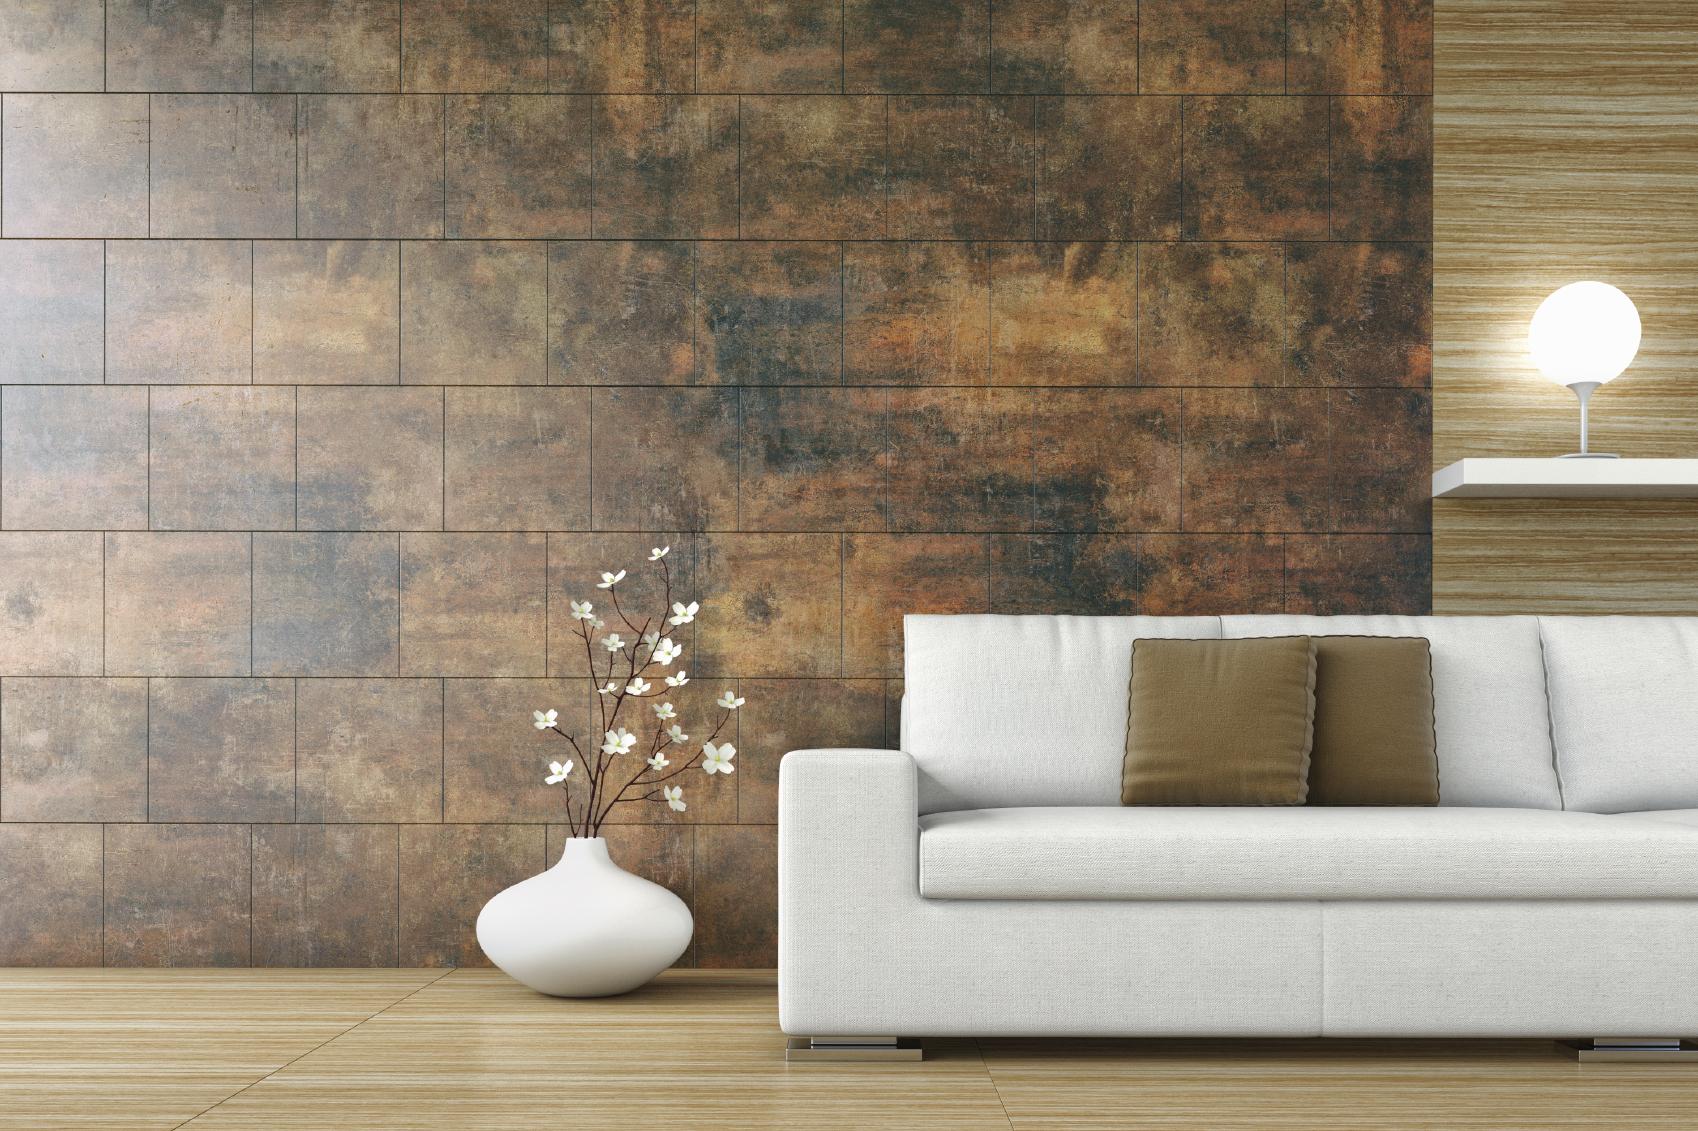 Texturas y efectos especiales para las paredes univision - Efectos pintura paredes ...